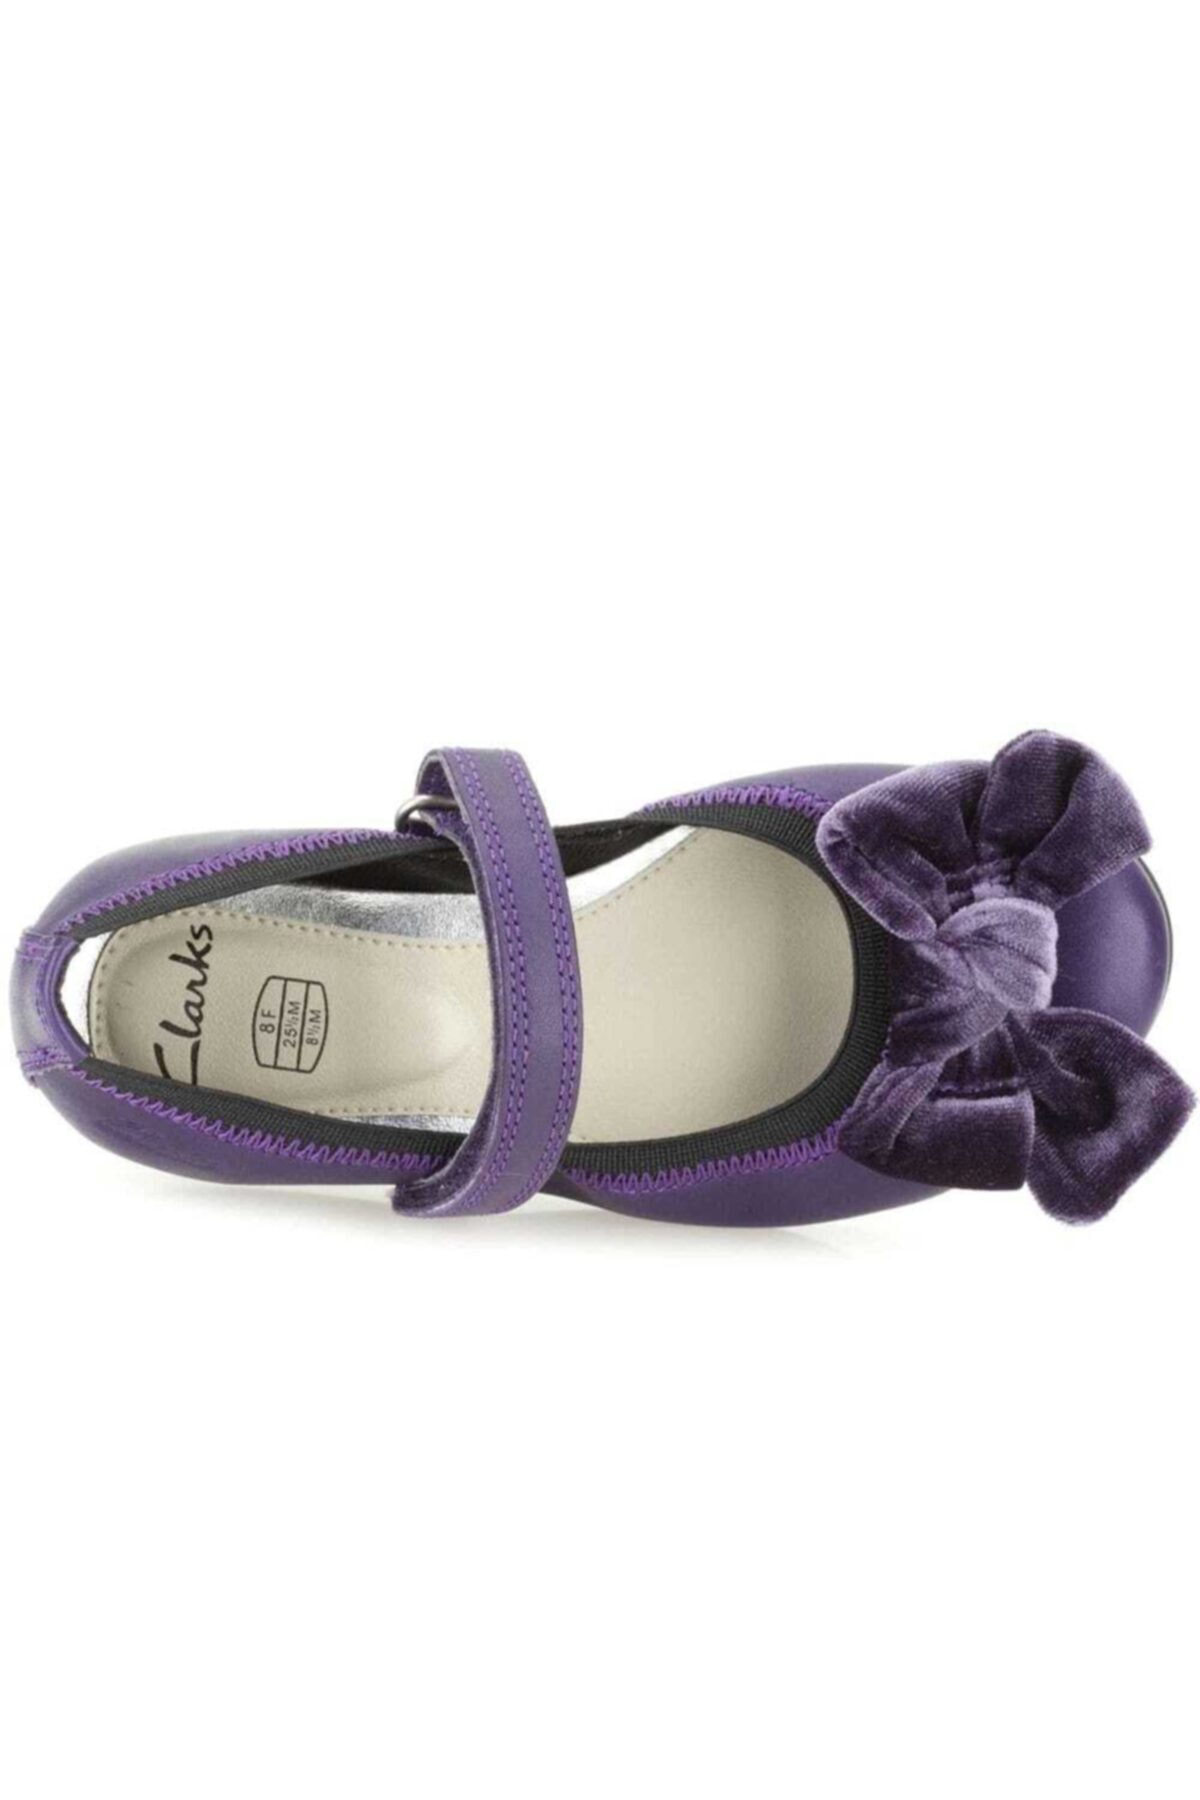 CLARKS Kız Çocuk Mor Rahat Bale Tarzı Ayakkabı 2